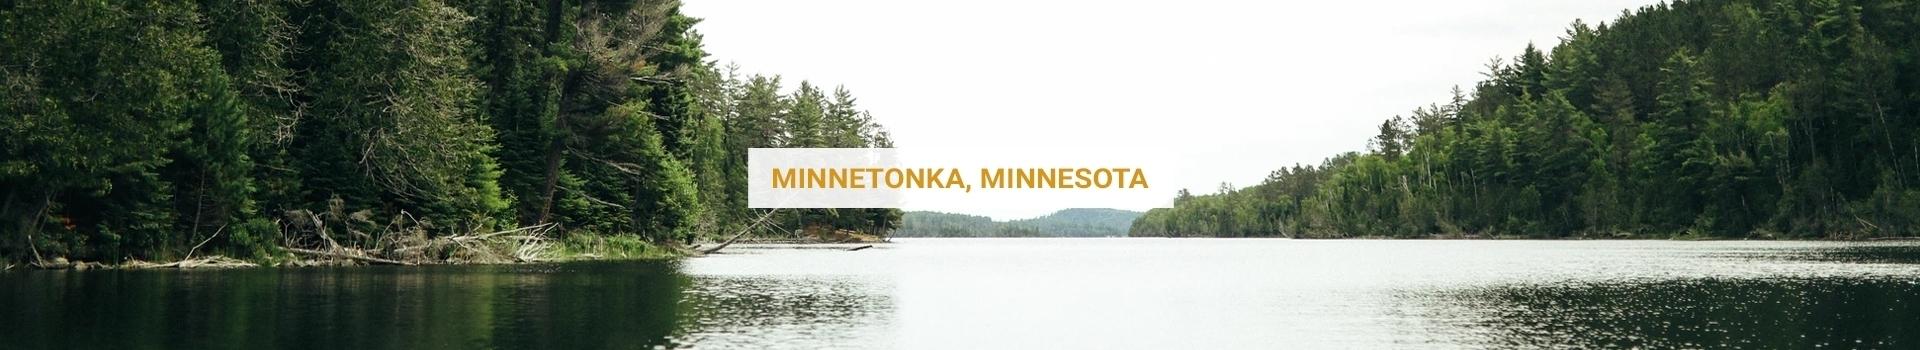 Minnetonka MN